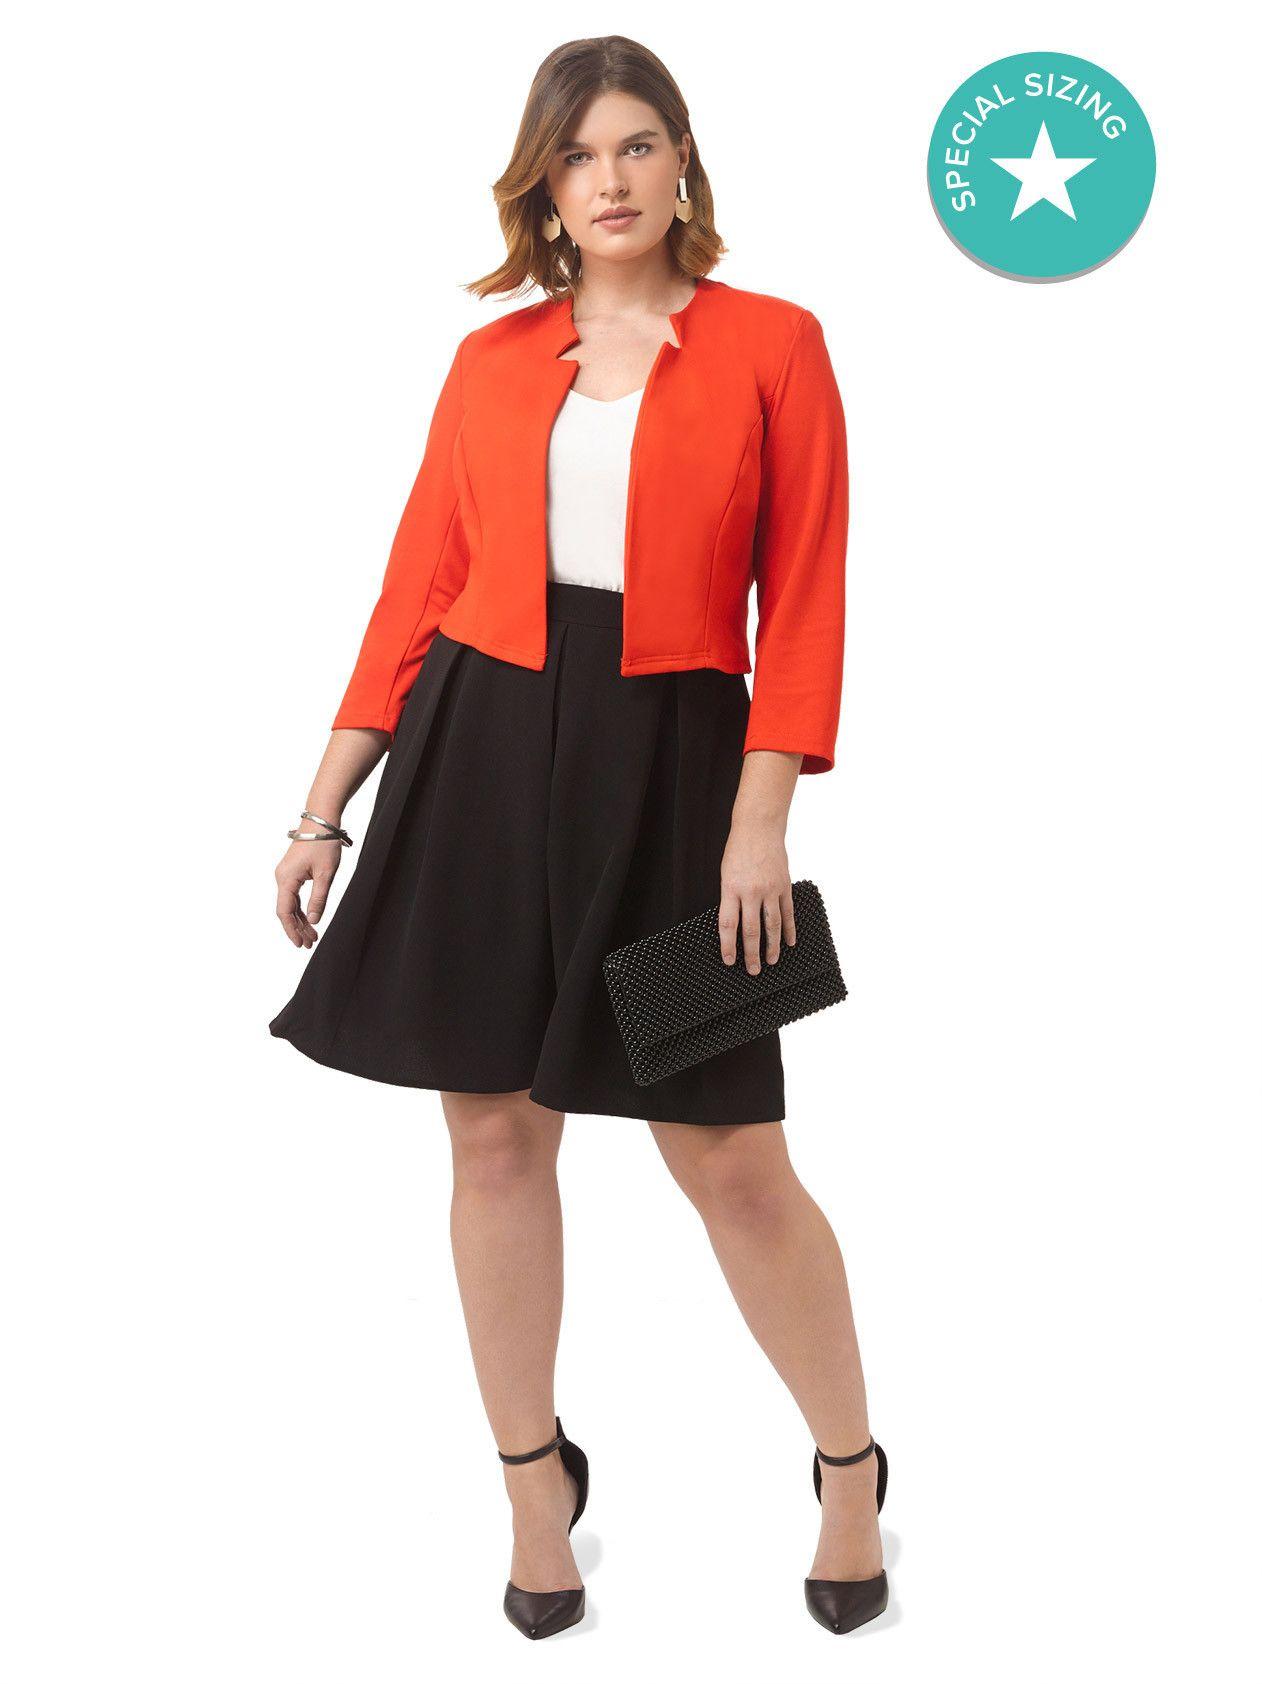 Gwynnie Bee = plus size clothing online